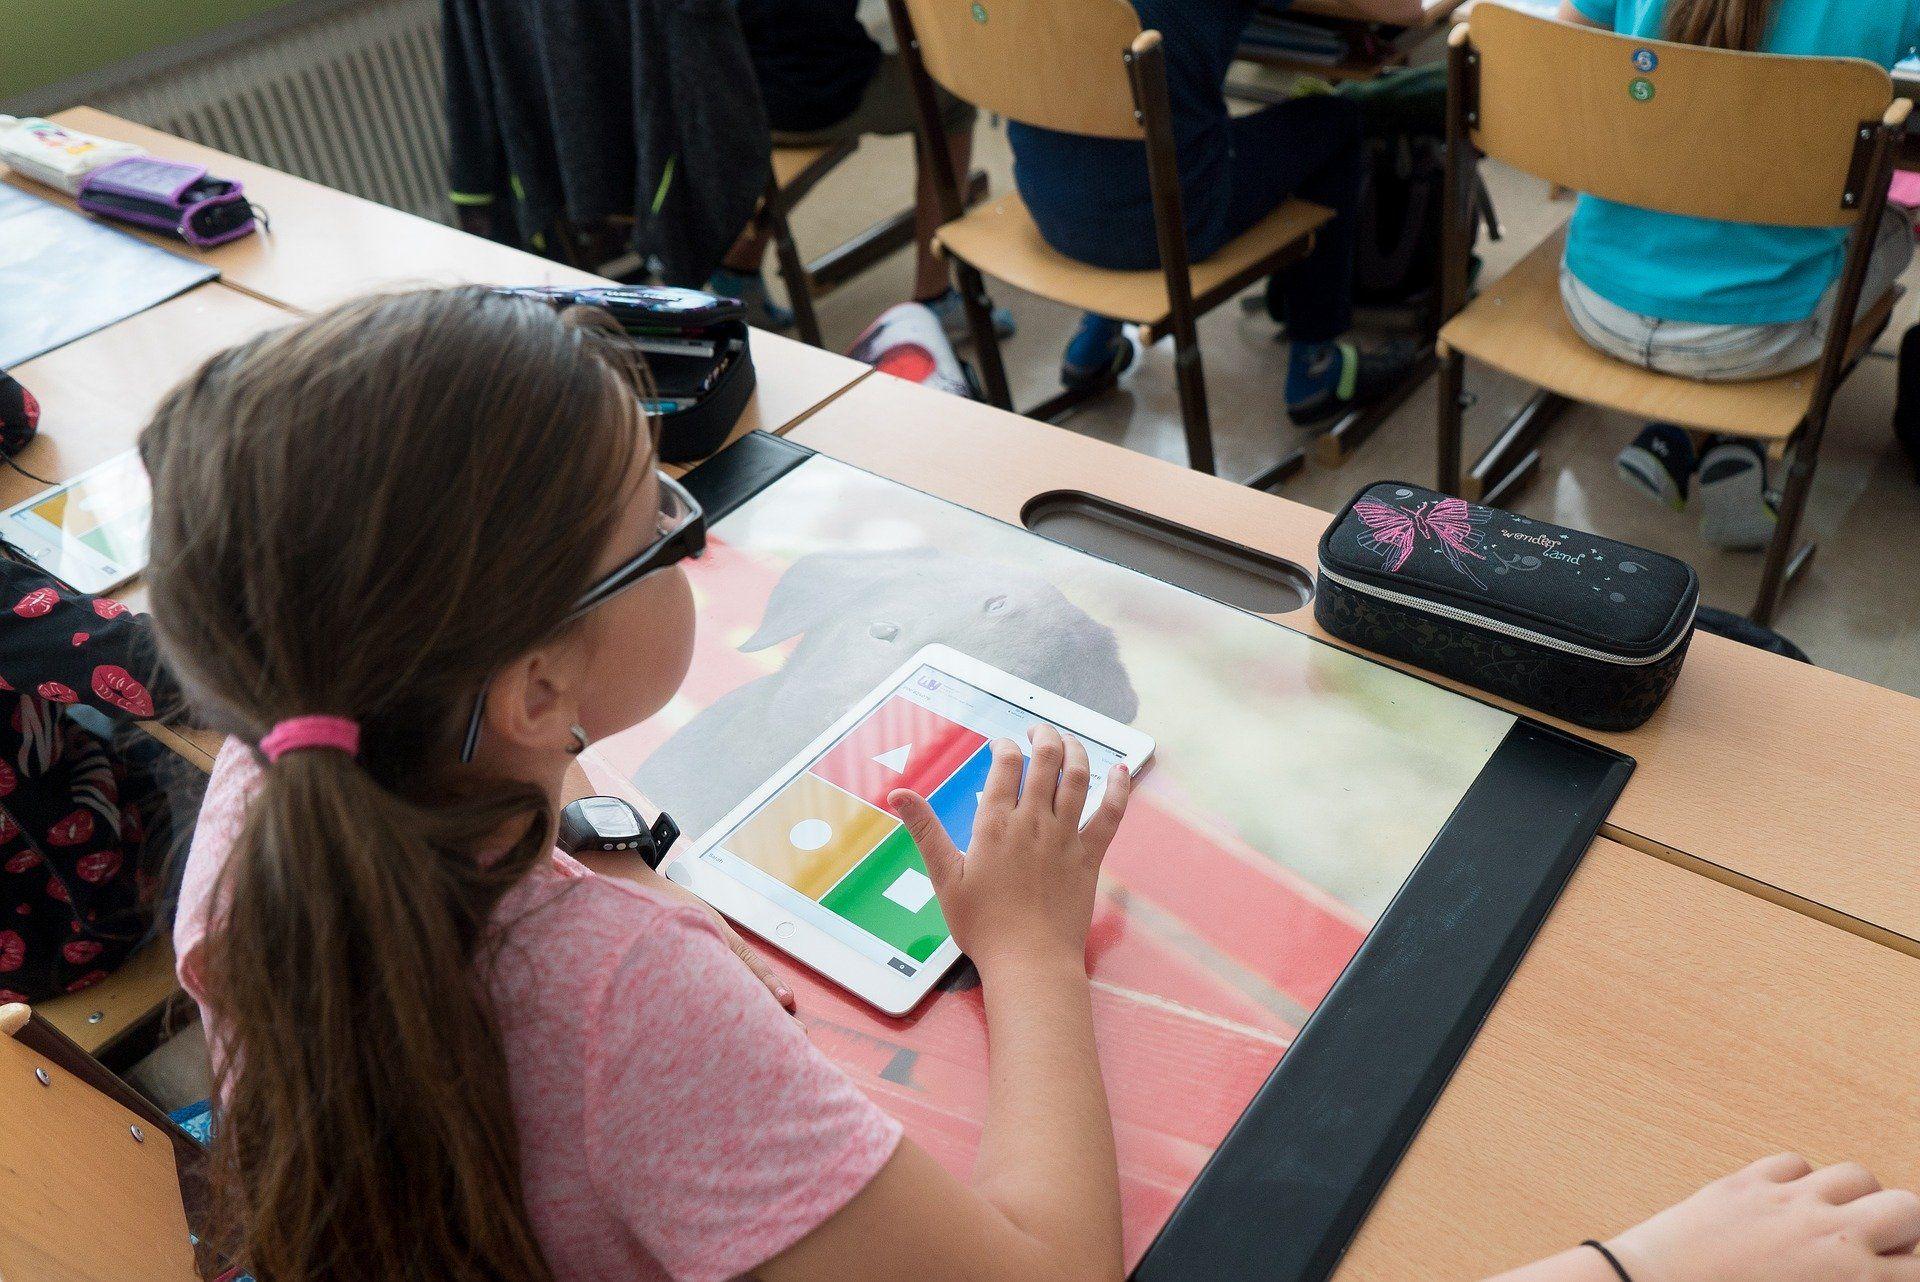 Ein Mädchen tippt etwas in ein Tablet ein.